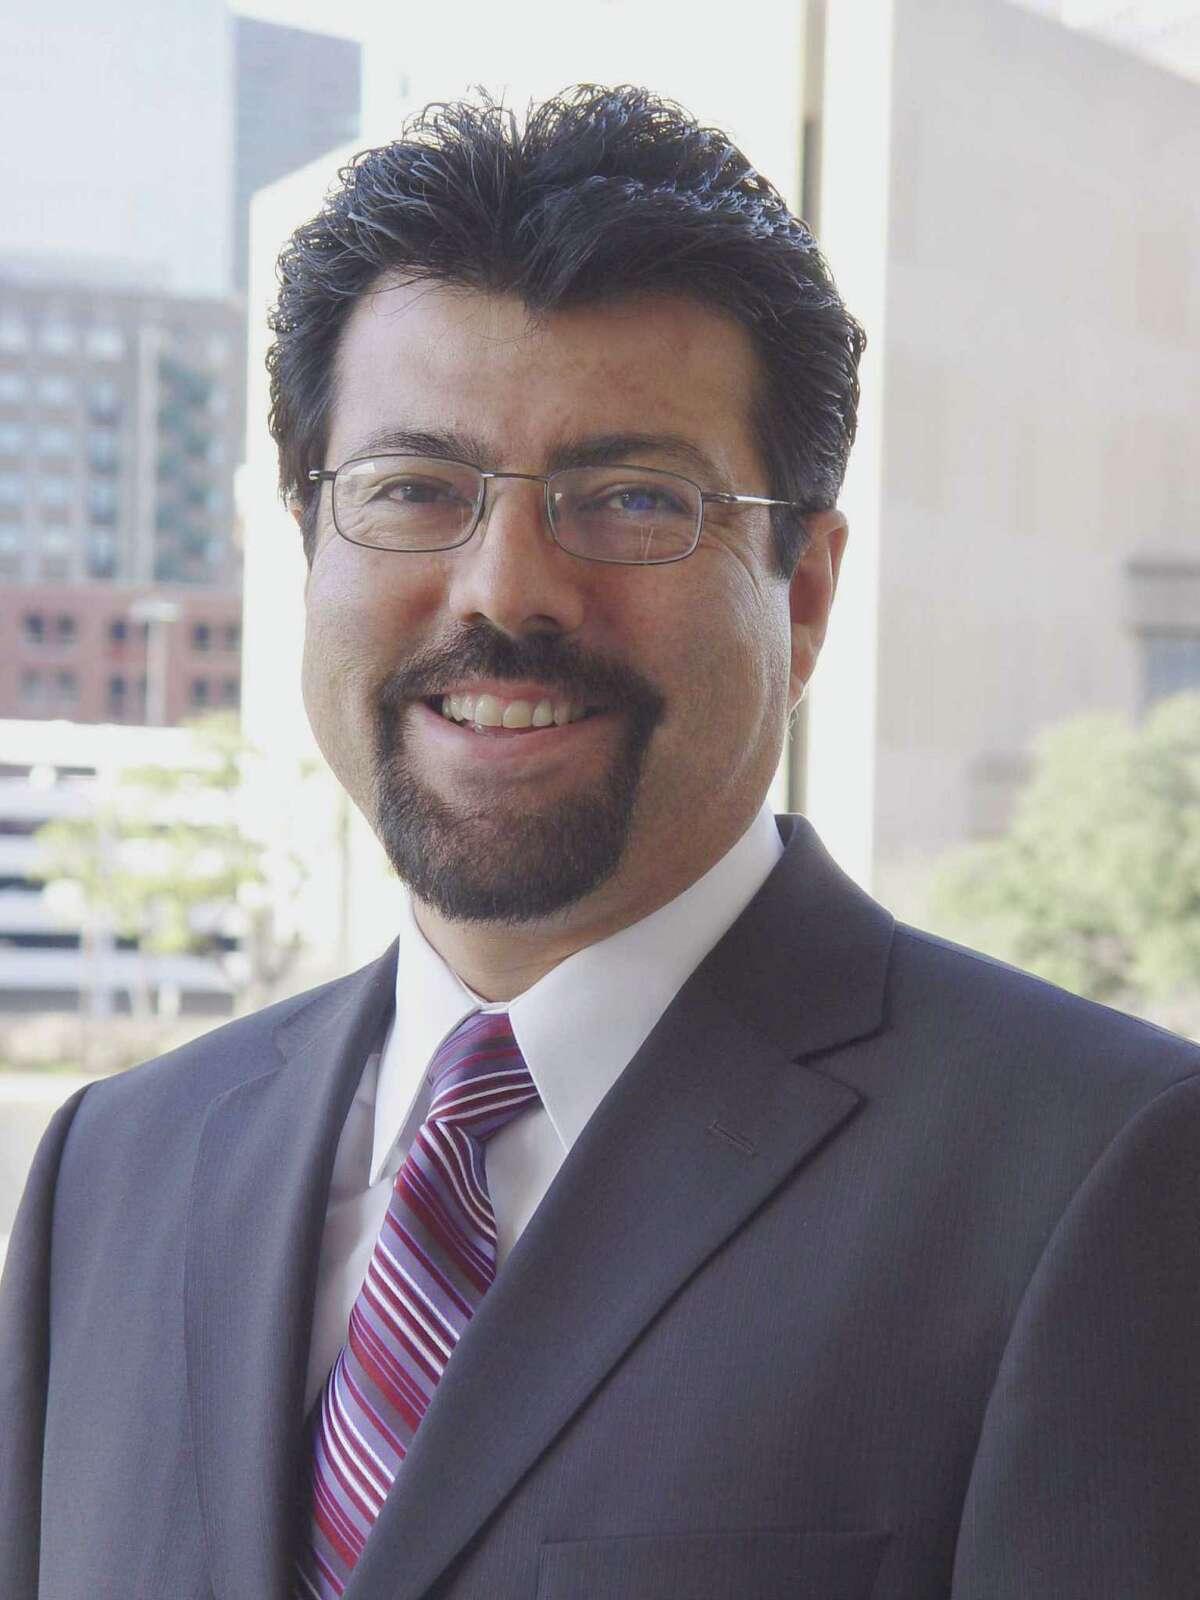 Ramiro S. Salazar is director of the San Antonio Public Library.